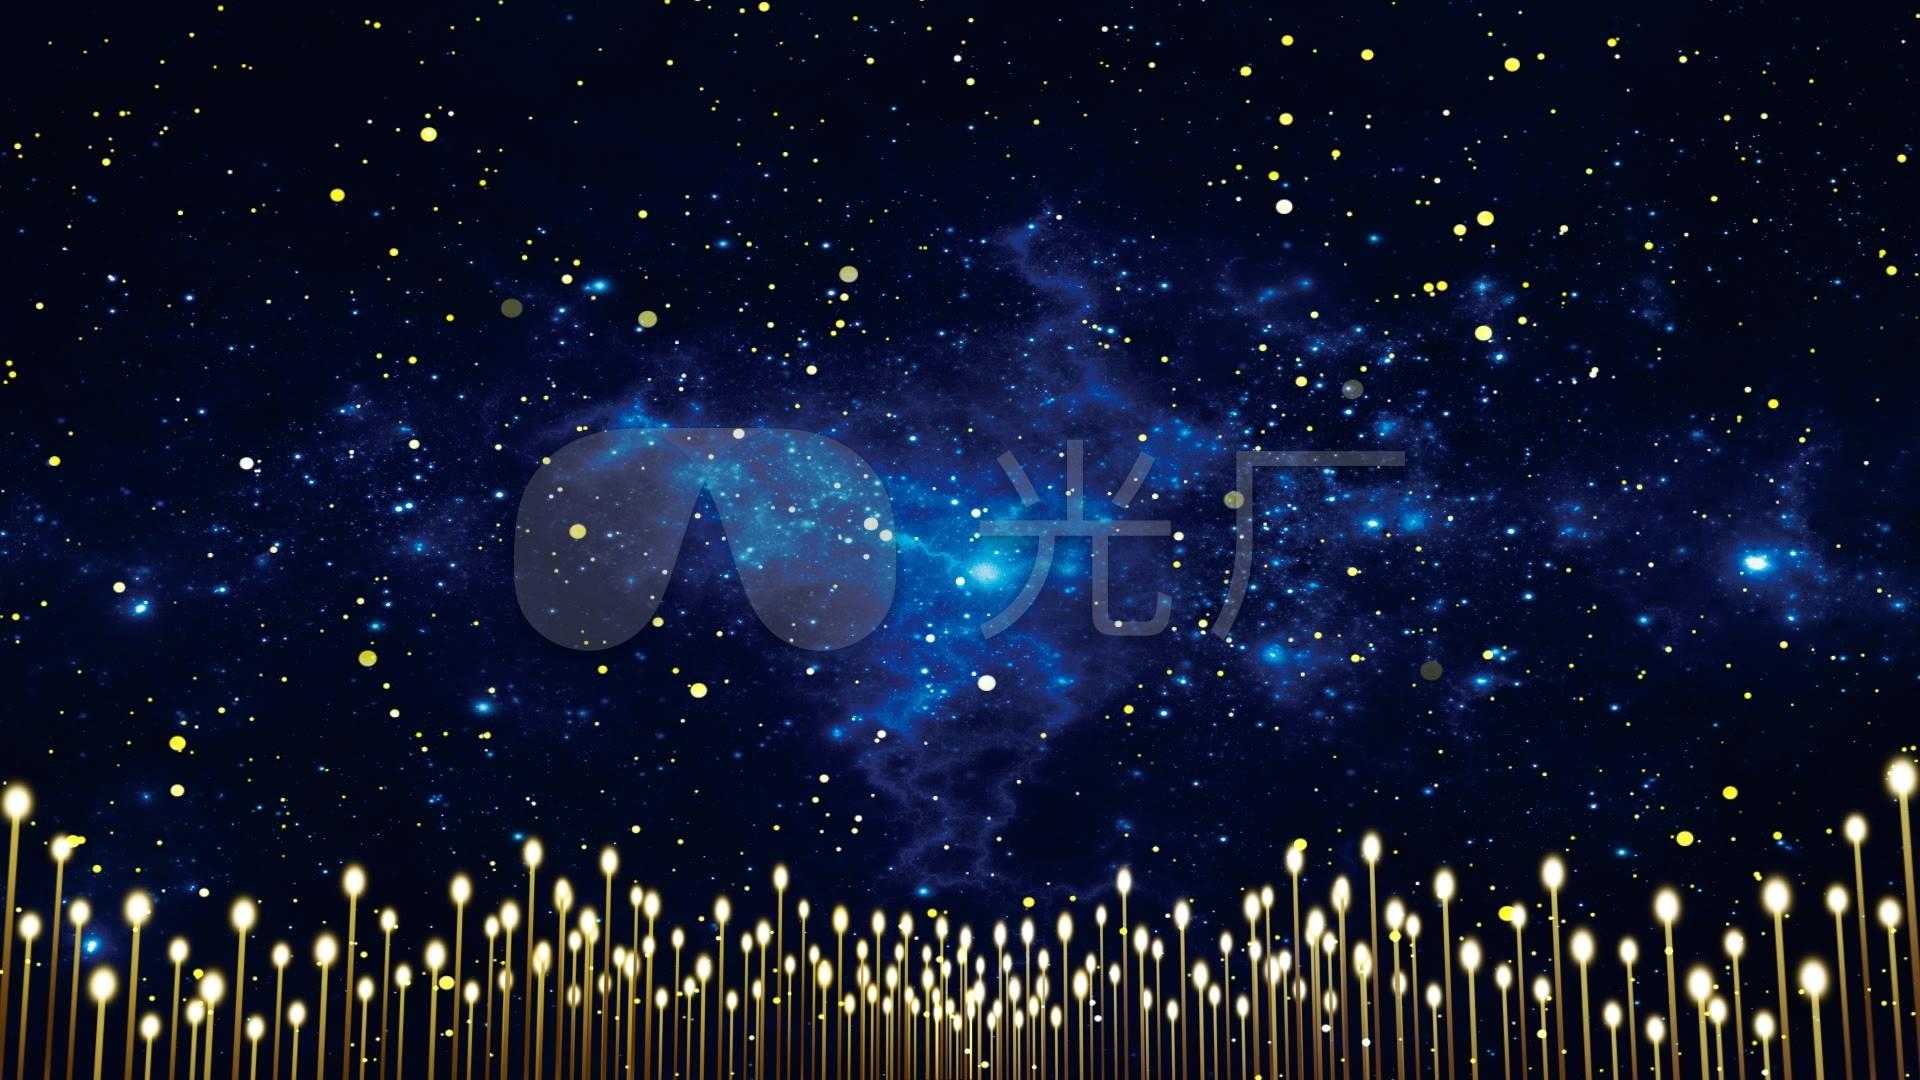 粒子星空 龙珠路引 婚礼庆典led背景